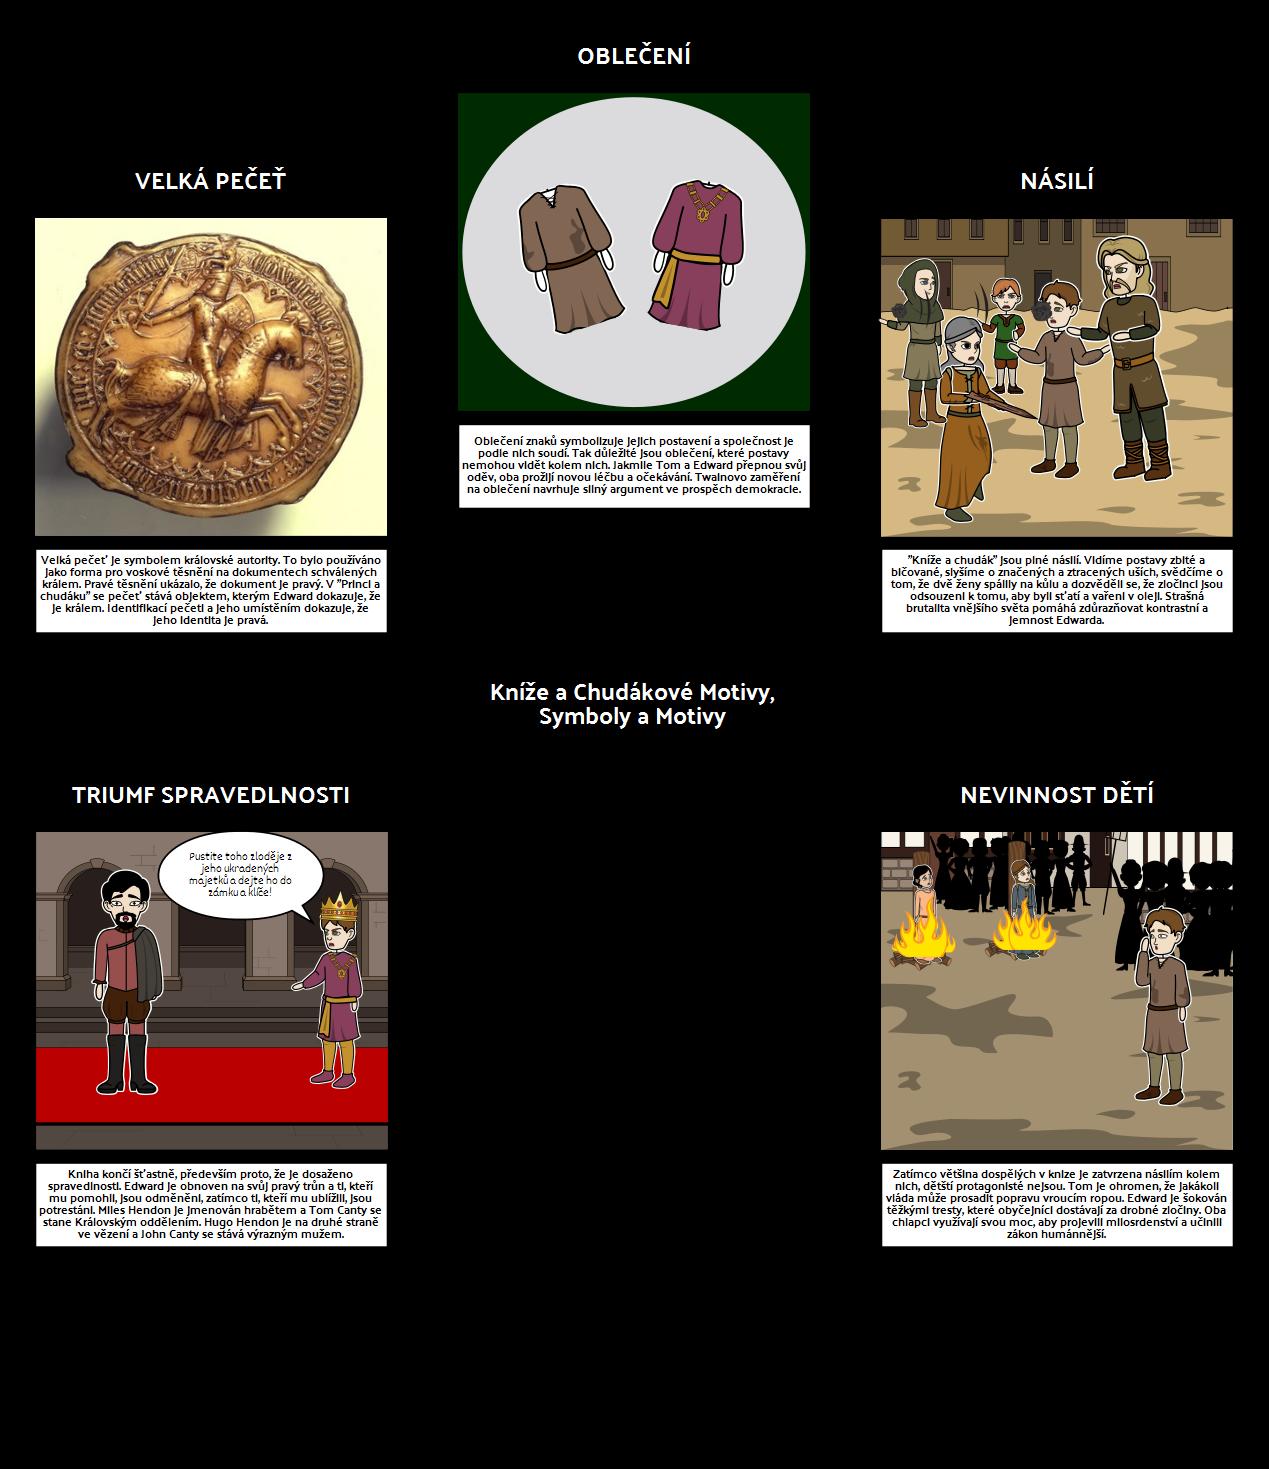 Kníže a Chudé Motivy, Motivy a Symboly